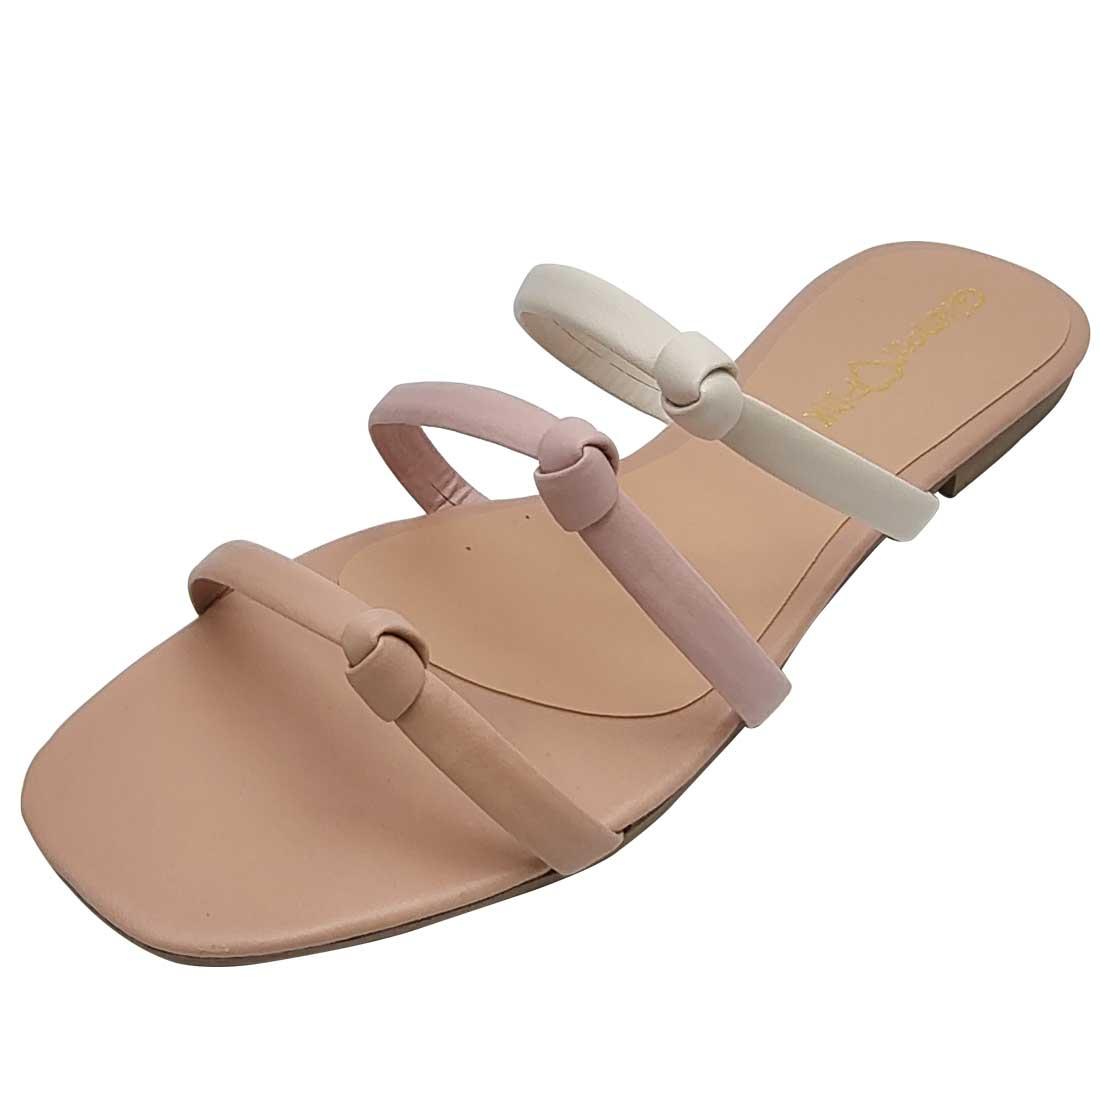 Sandália Salto Baixo com Tiras Nózinho - Bege